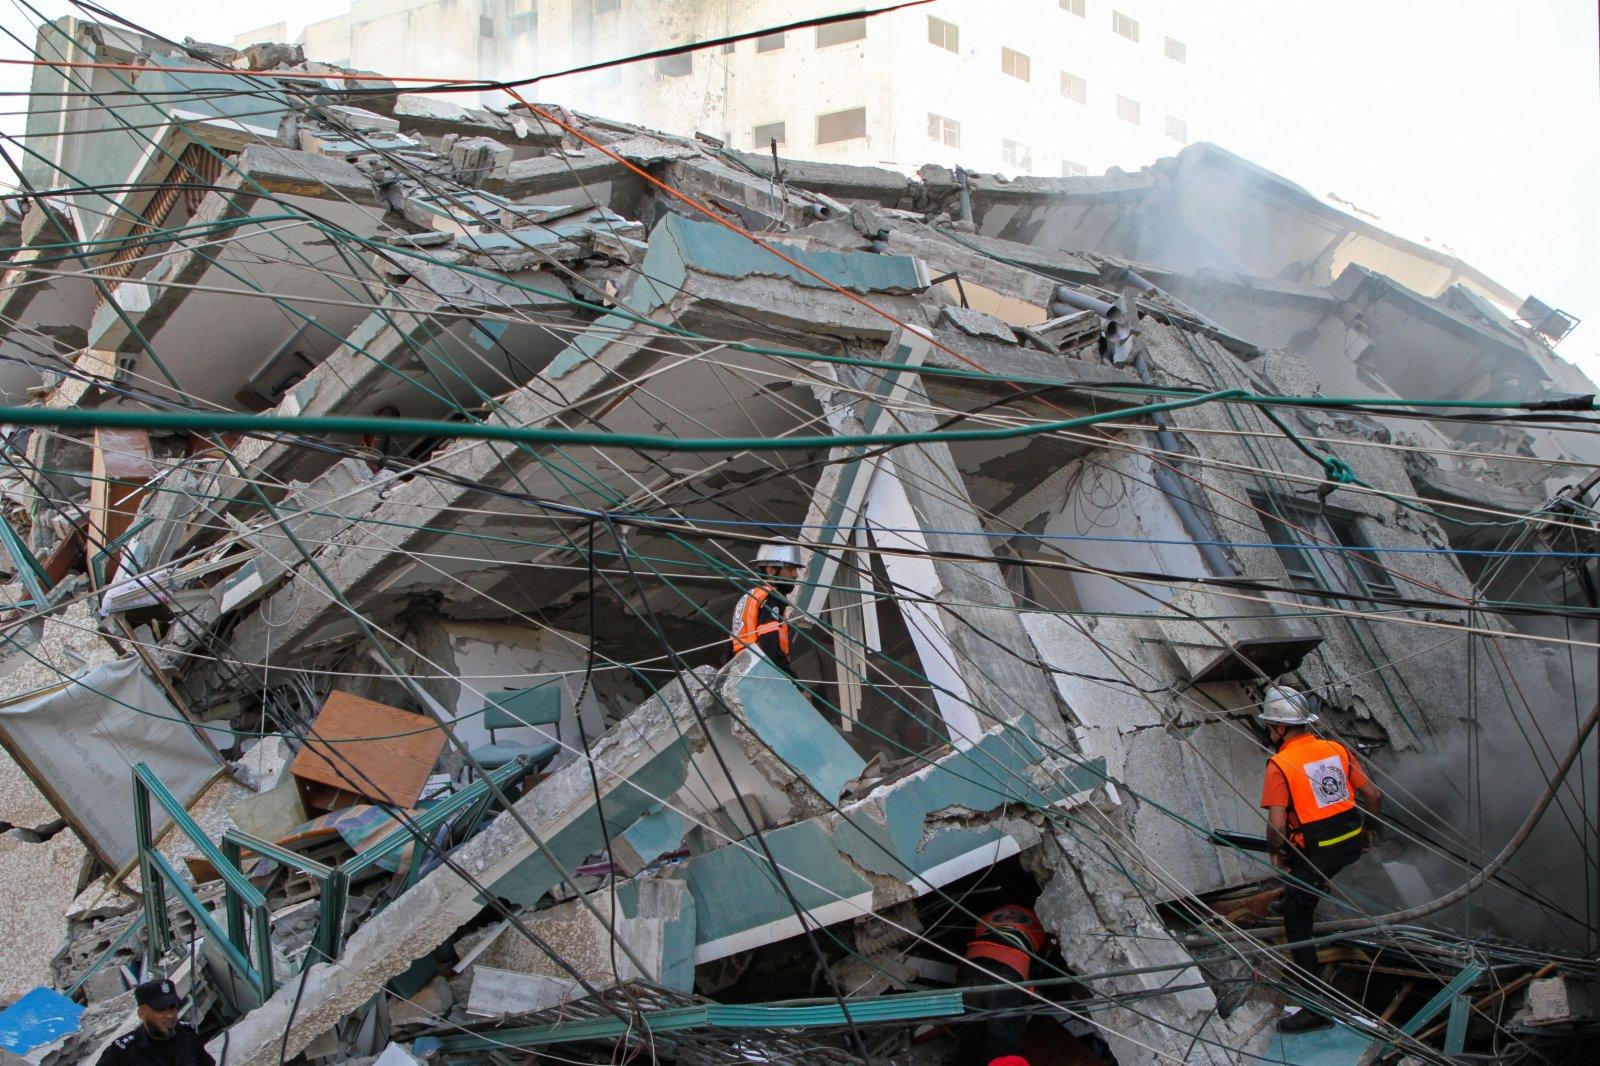 5月15日,巴勒斯坦人查看被以軍空襲過後的位於加沙地帶的一棟多家媒體所在大樓。(新華社)